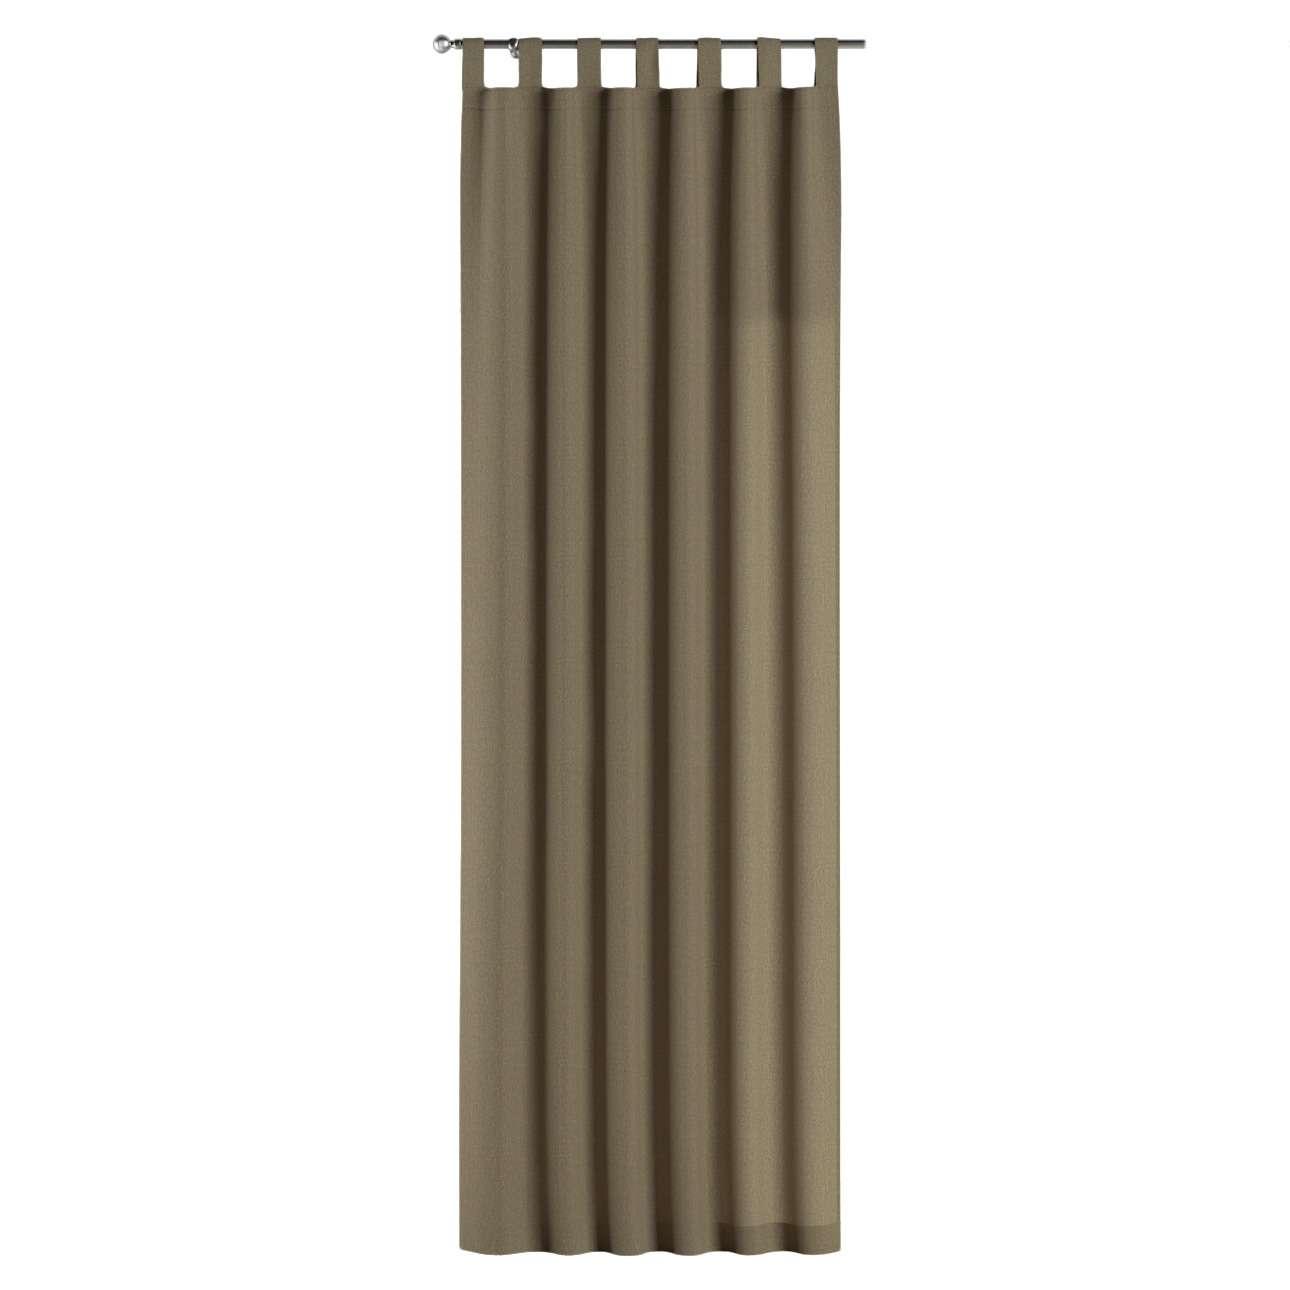 Füles függöny 130 x 260 cm a kollekcióból Bútorszövet CHENILLE, Dekoranyag: 702-21